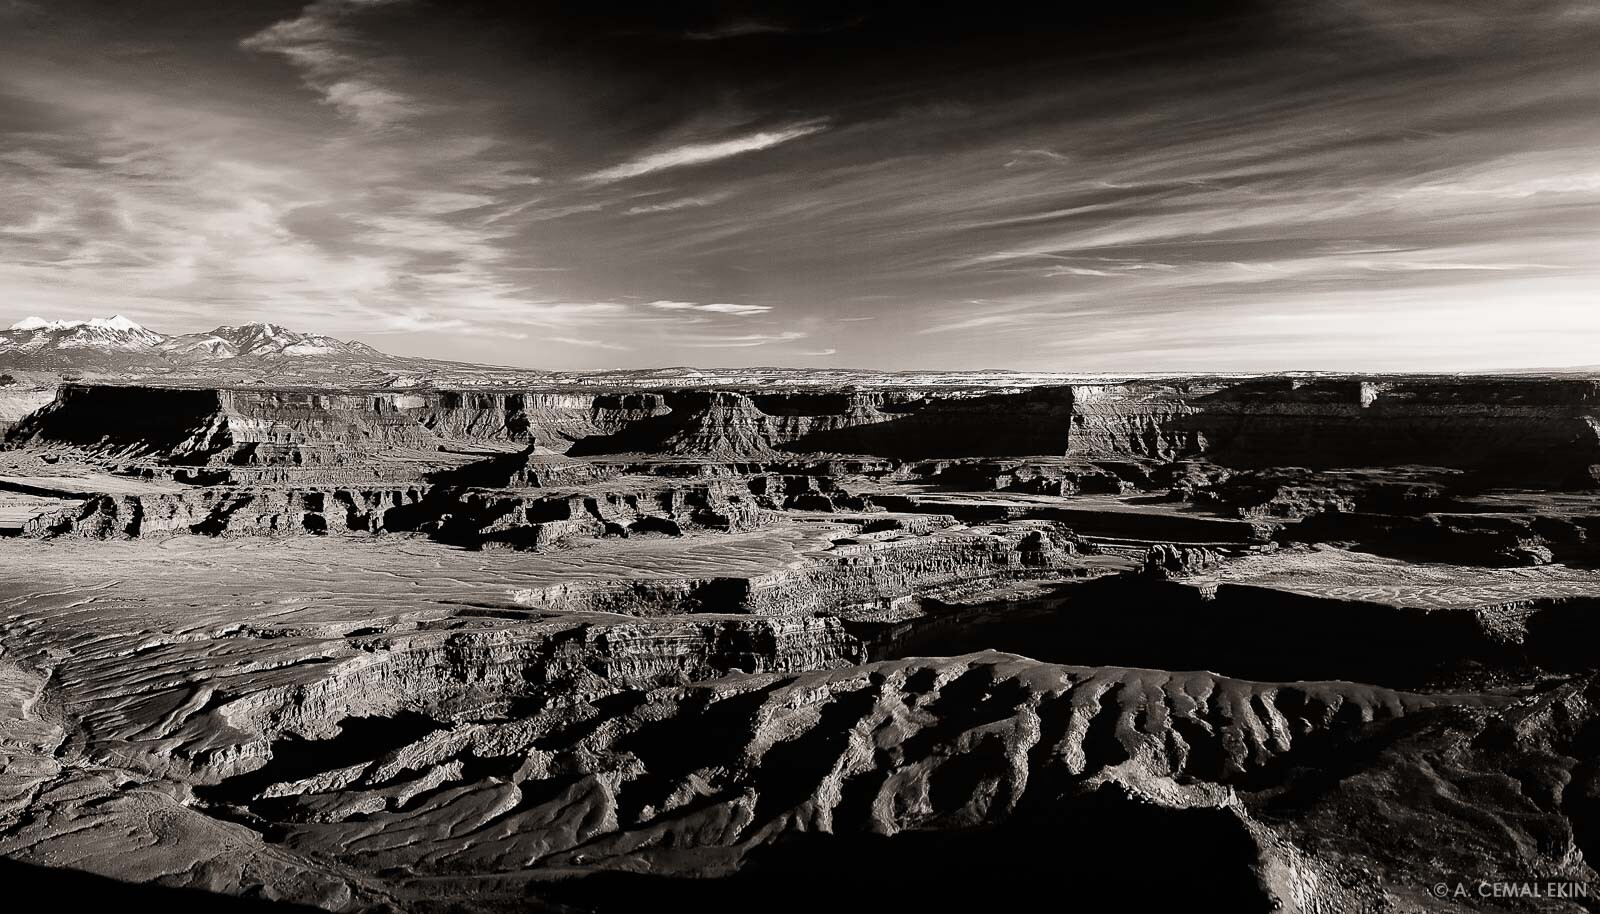 12 - Visions of Utah